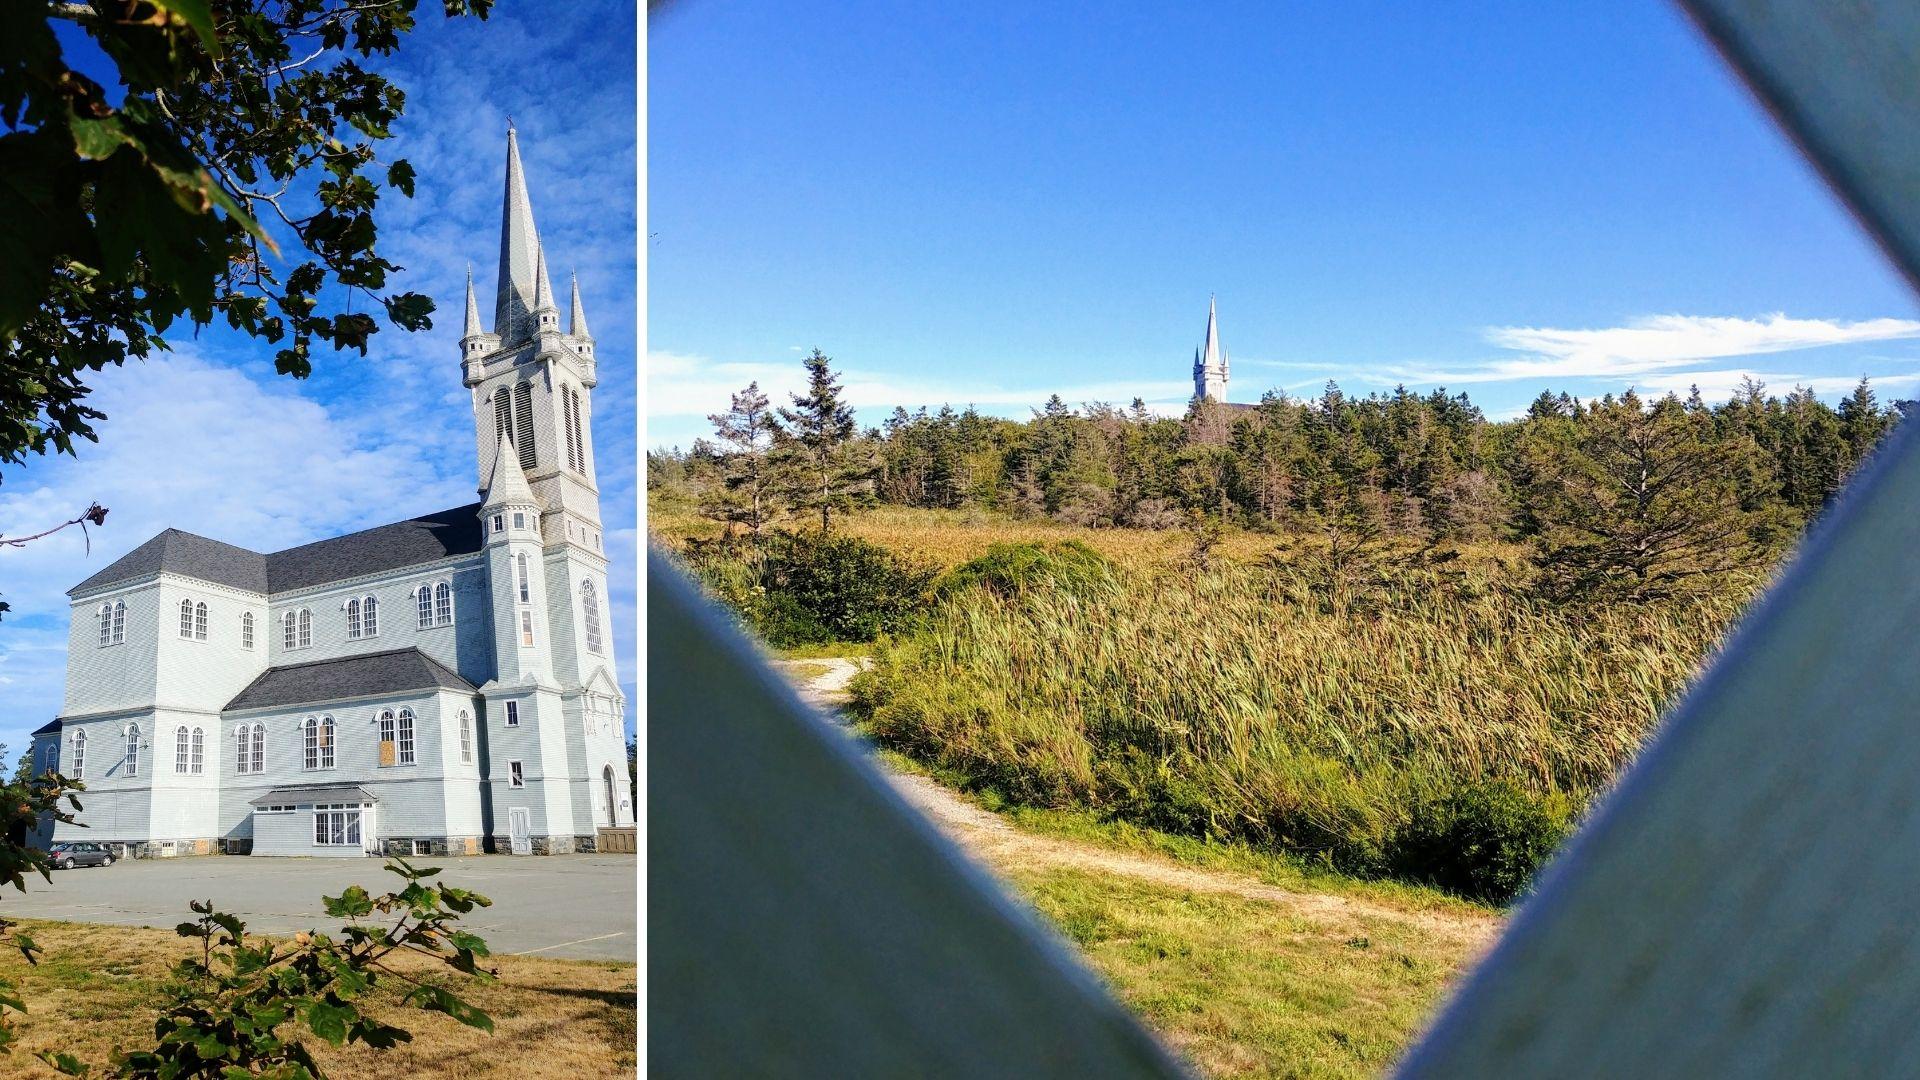 Église Sainte-Marie Clare Baie-Sainte-Marie Nouvelle-Écosse Yarmouth infos pratiques